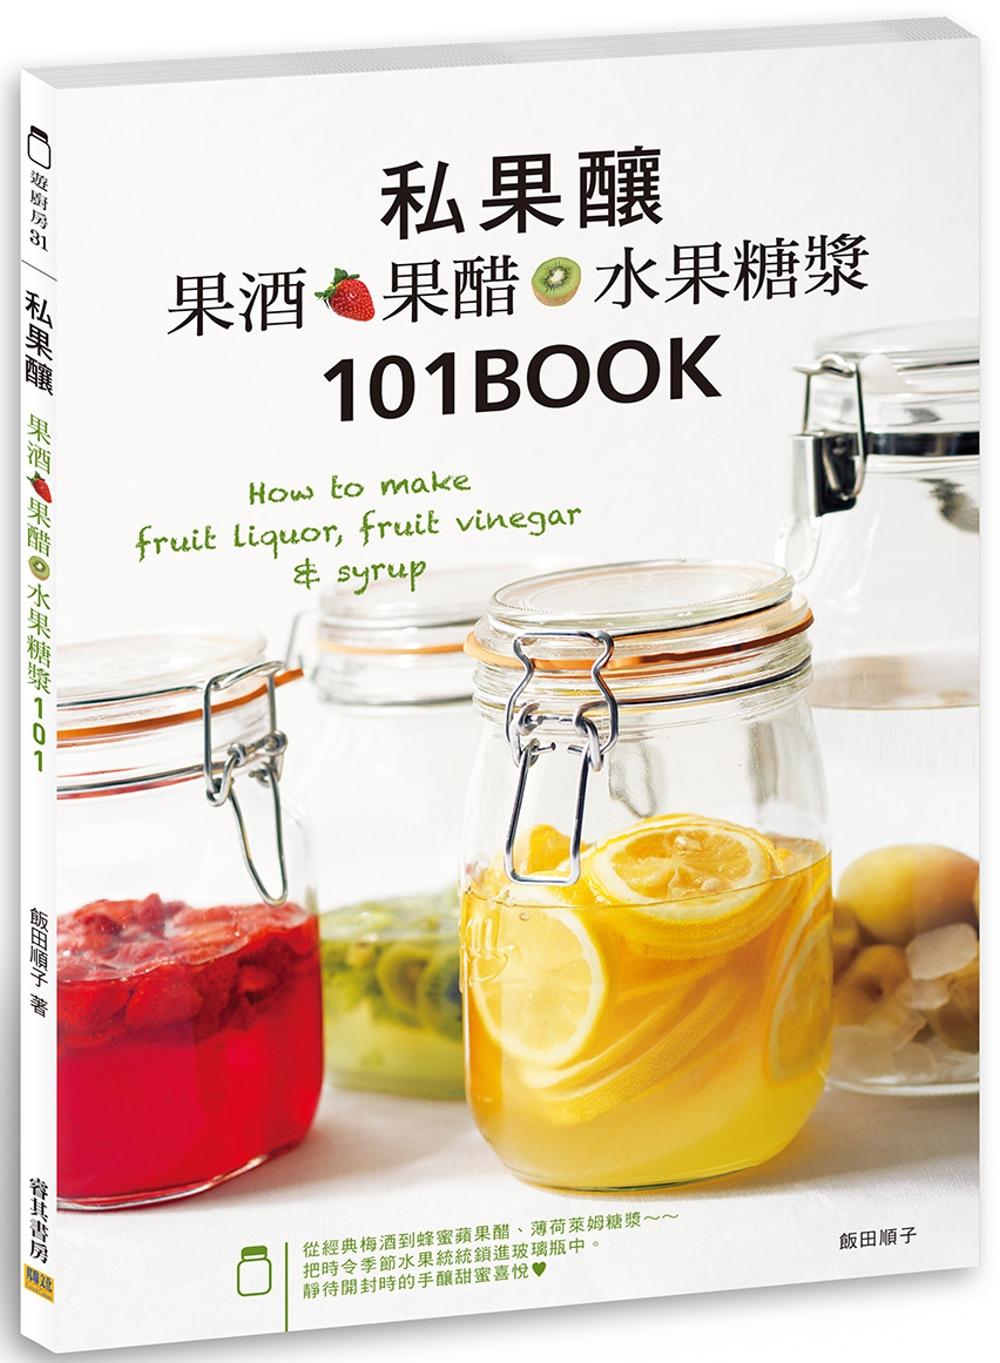 私果釀  果酒‧果醋‧水果糖漿101:How to make fruit liquor, fruit vinegar & syrup